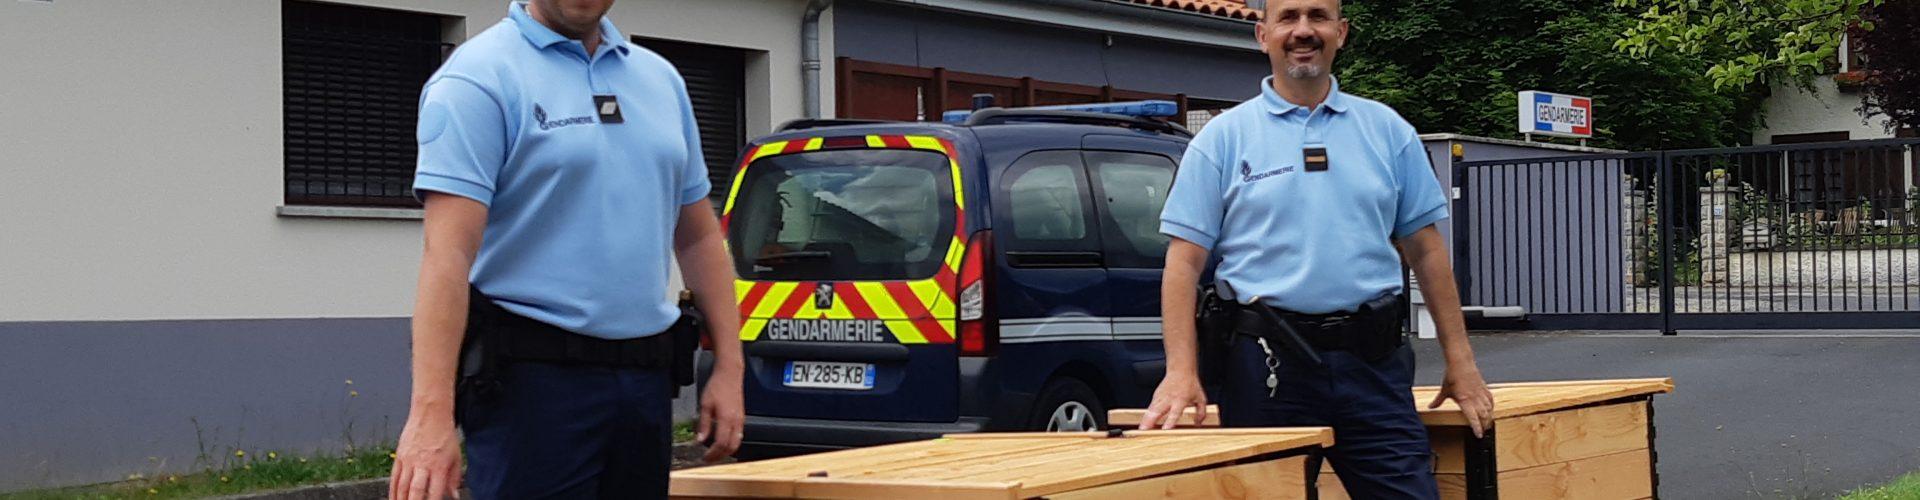 Du compostage à la gendarmerie de Pontaumur